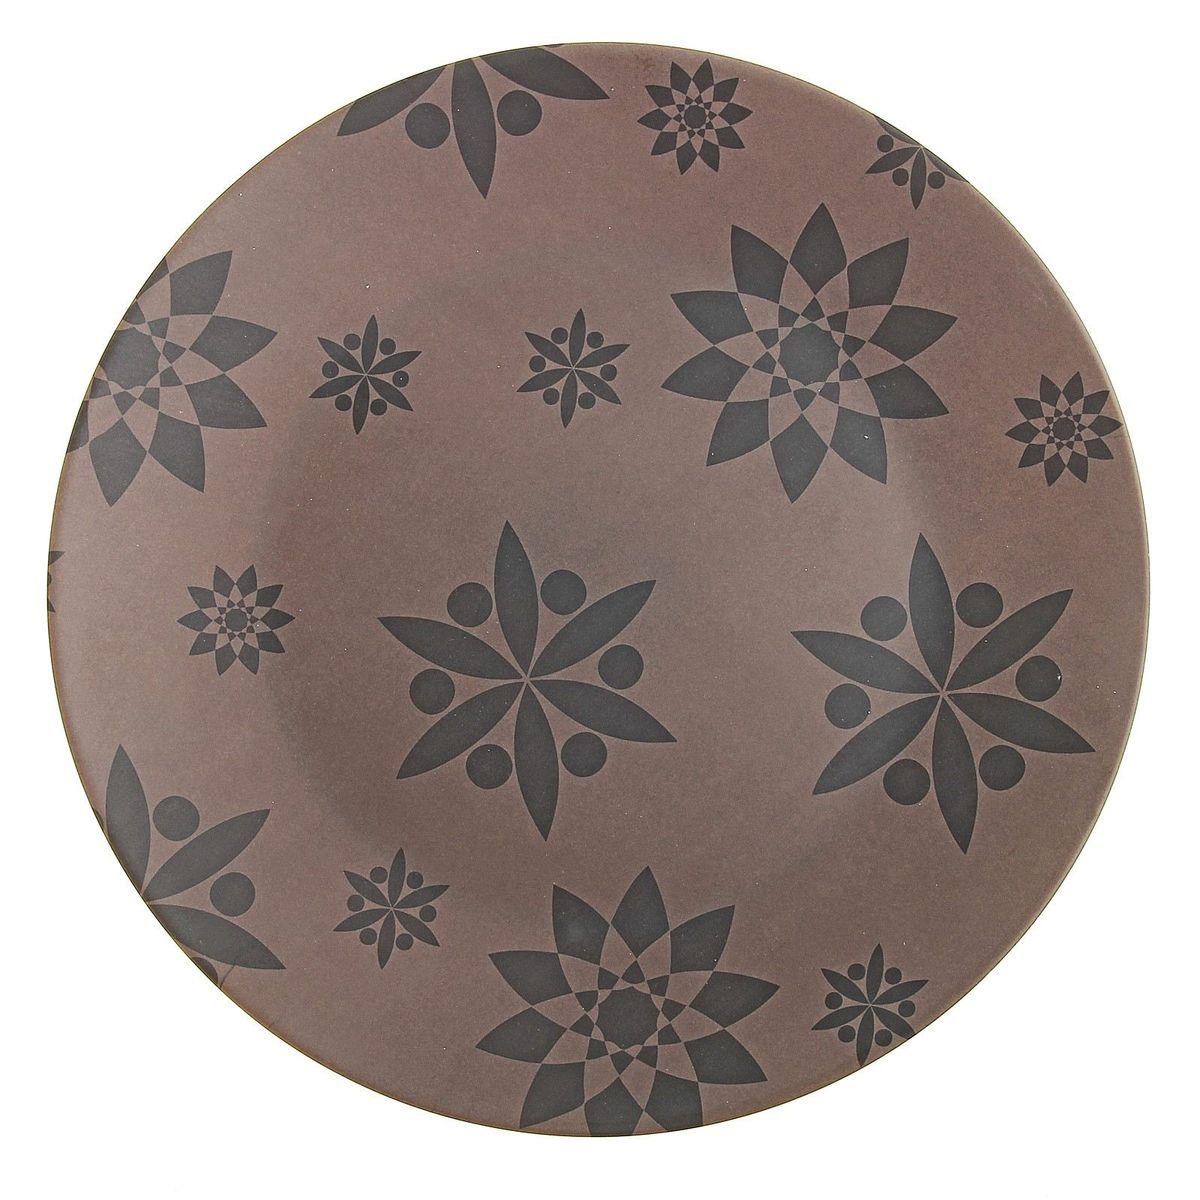 Тарелка Sima-land Бамбуковый лес. Зимняя ночь, 26 см698390Эта стильная посуда сделана из экологически чистых материалов: бамбук, кукурузные волокна, натуральные природные красители. Посуда из бамбука удивительно легкая, прочная и красивая. Бамбук сам по себе является природным антисептиком, поэтому вся посуда обладает антибактериальными свойствами. Эта уникальная особенность посуды гарантирует безопасность при эксплуатации и хранении различных видов пищевой продукции. При попадании в землю полностью разлагается через 2 месяца!В отличие от пластиковой, бамбуковая посуда не нанесет вреда природе, даже если забыть ее на месте пикника. Она не содержит пластик, меланин и другие химические соединения. Посуда подходит для микроволновой печи, ее можно мыть в посудомоечной машине. Все емкости можно использовать при температуре от -20 до +120°С.При производстве бамбуковой посуды используется природный бамбук. На первом этапе осуществляется термическая обработка и очистка бамбука. Затем осуществляется измельчение бамбука до порошкообразного состояния. Далее используются натуральные пищевые красители. На конечной стадии производства сырье помещается в специальные пресс-формы и выпекается до состояния готового изделия. Готовая продукция отличается высокой прочностью, долговечностью в использовании и универсальностью.